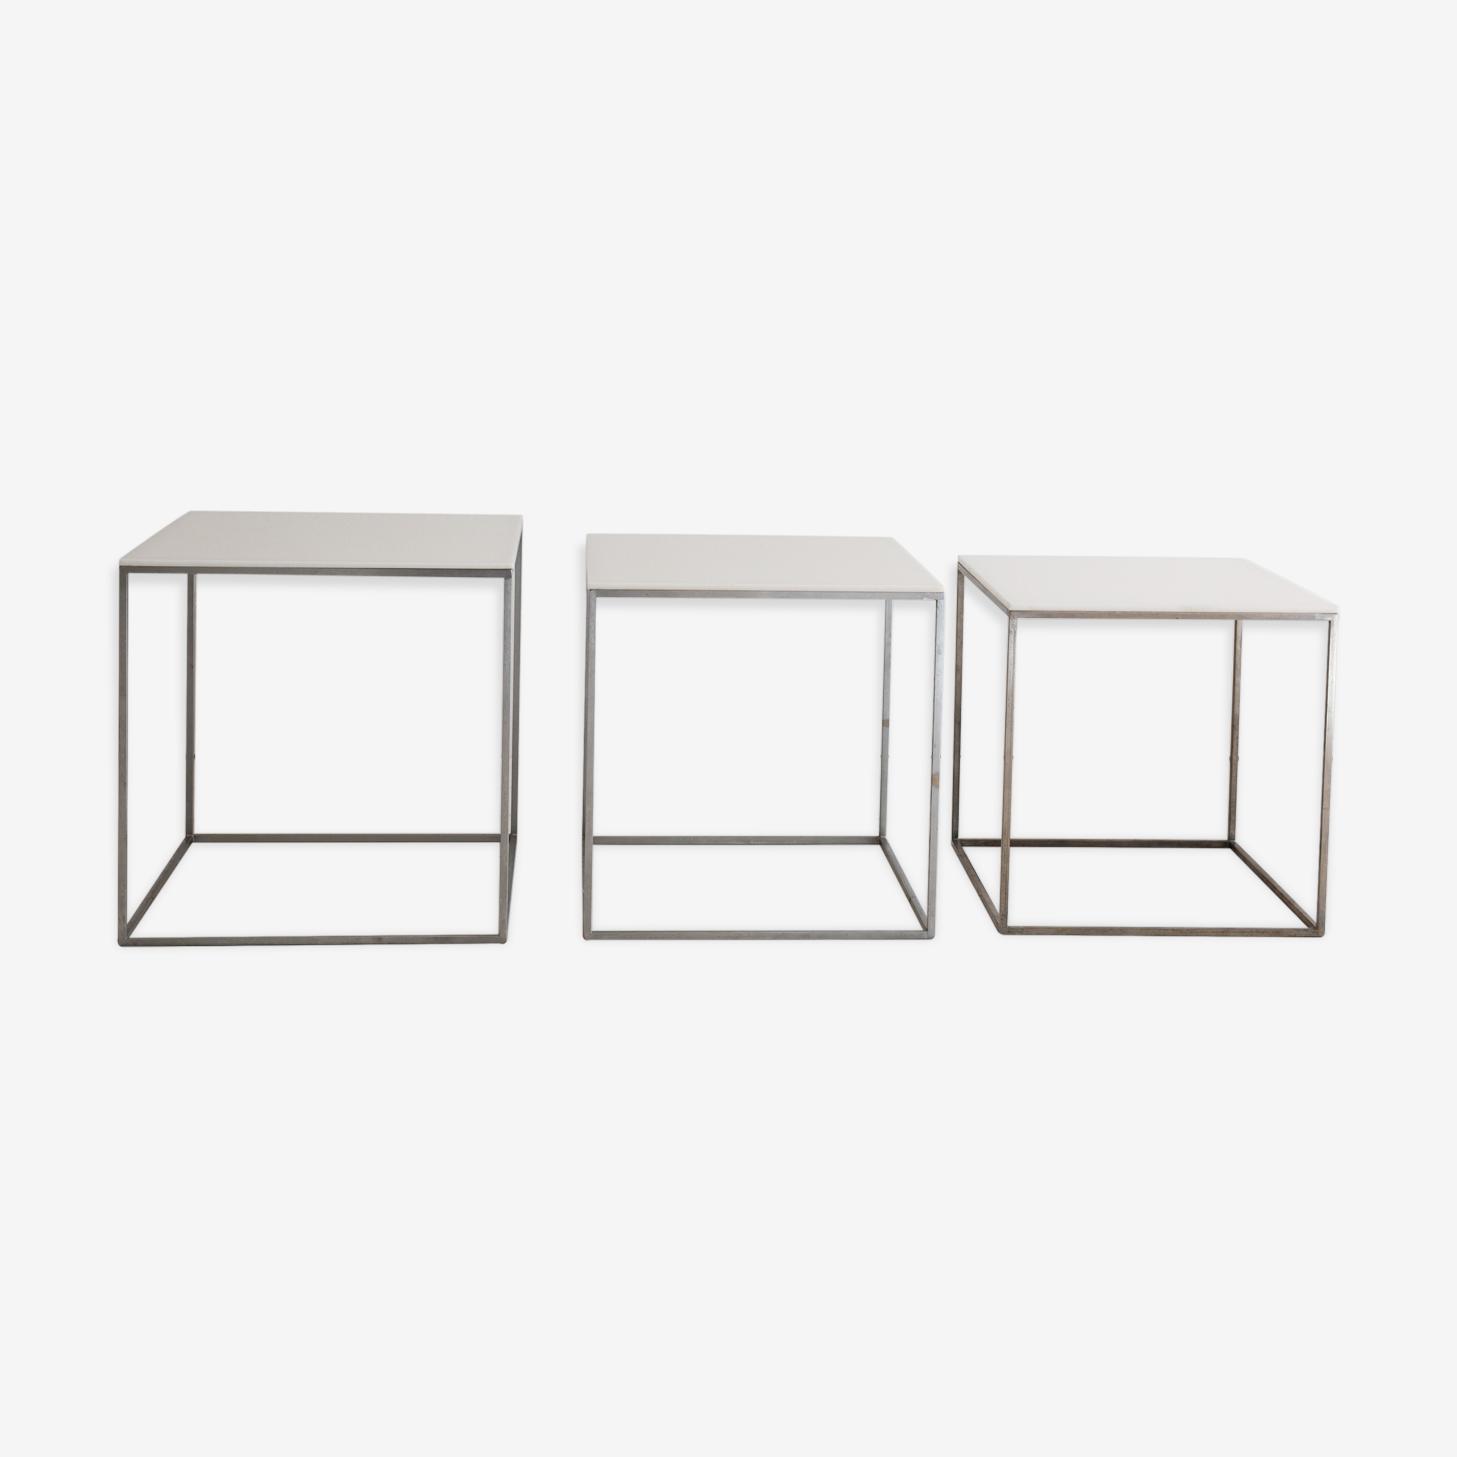 Série de trois tables gigilgnes Poul Kjaerholm PK71, Ejvind Kold Christensen, 1957